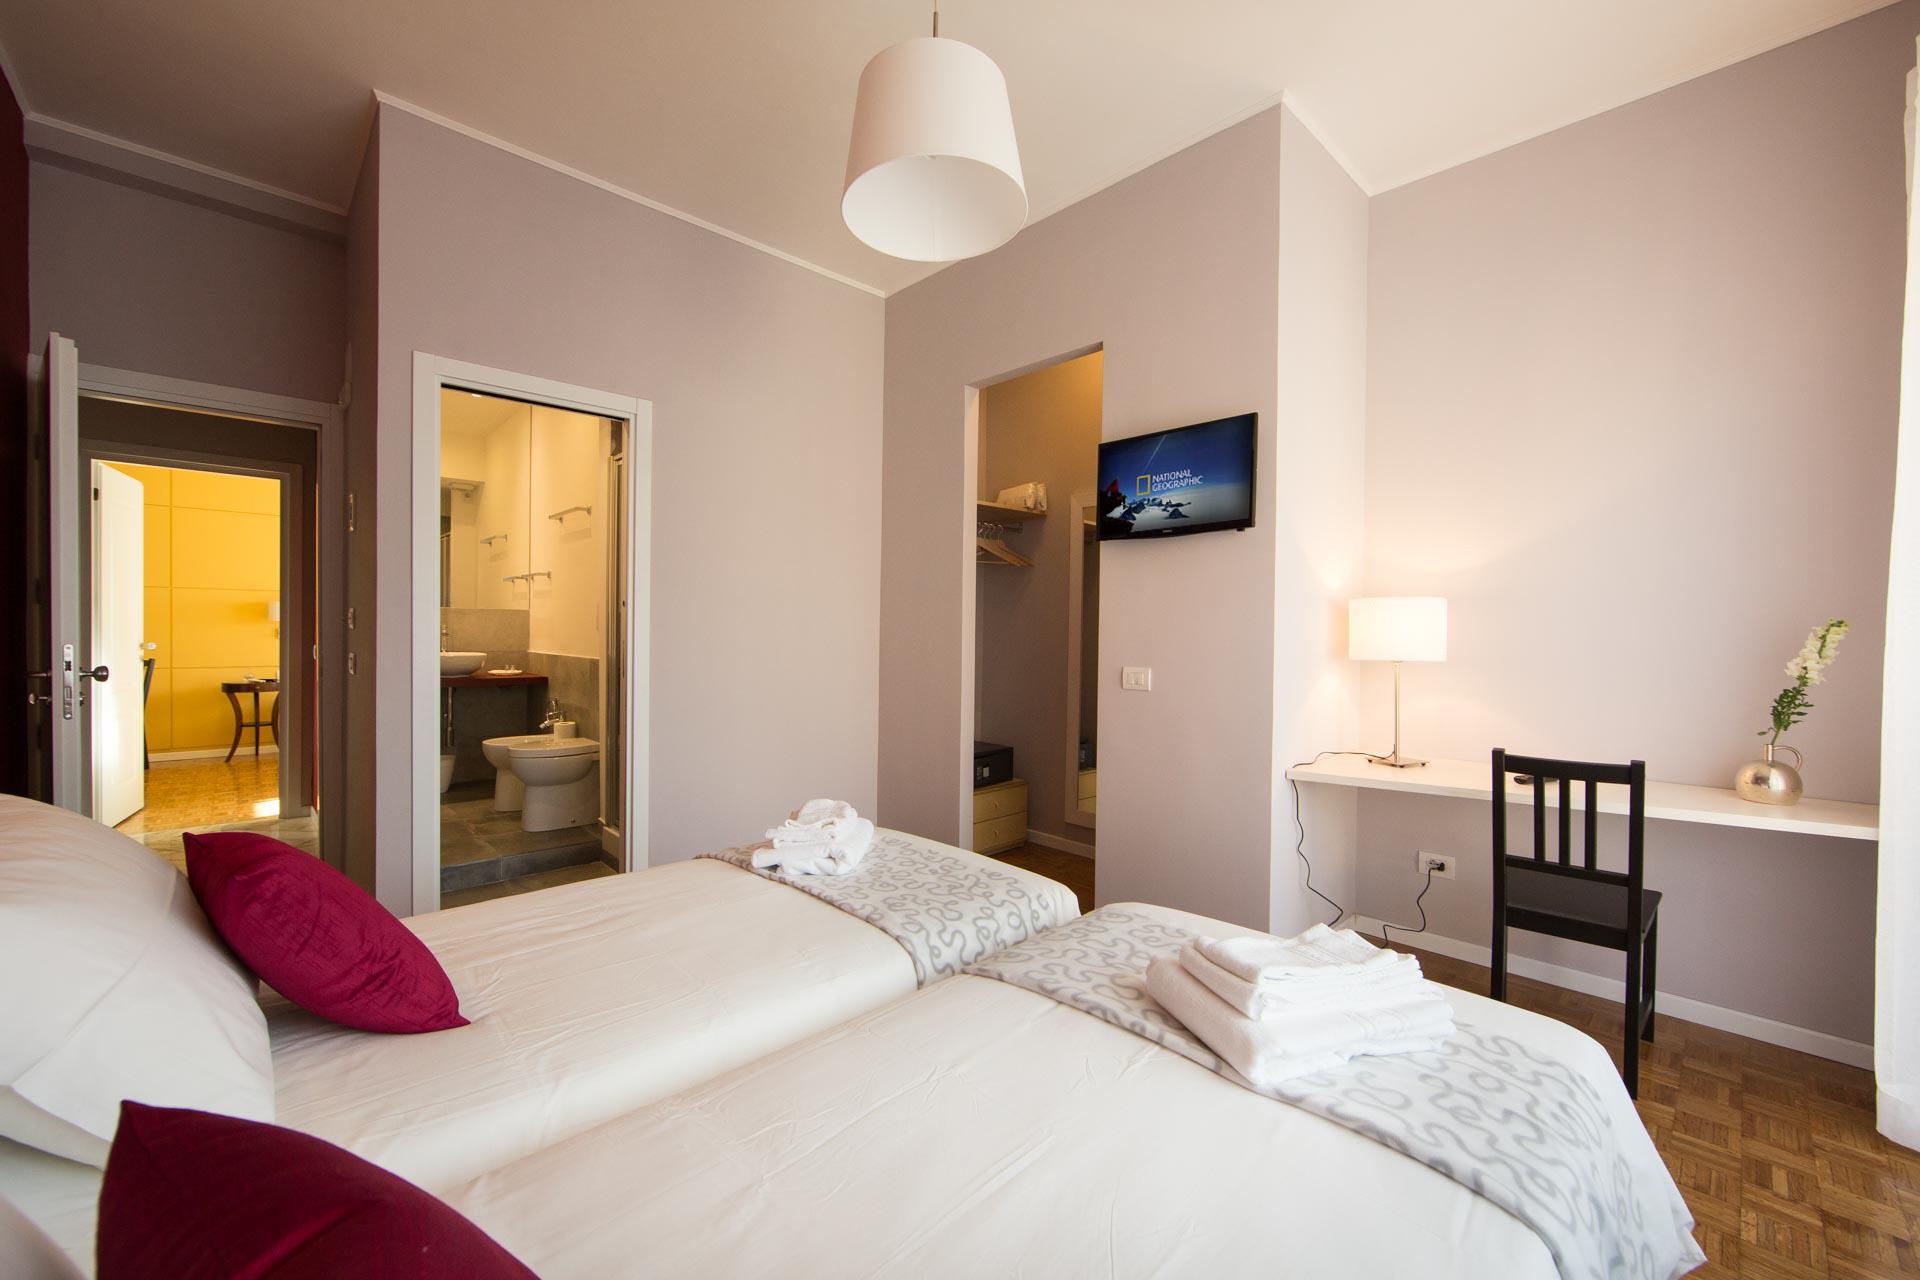 bed-and-breakfast-rome-Vestalia-room-edit